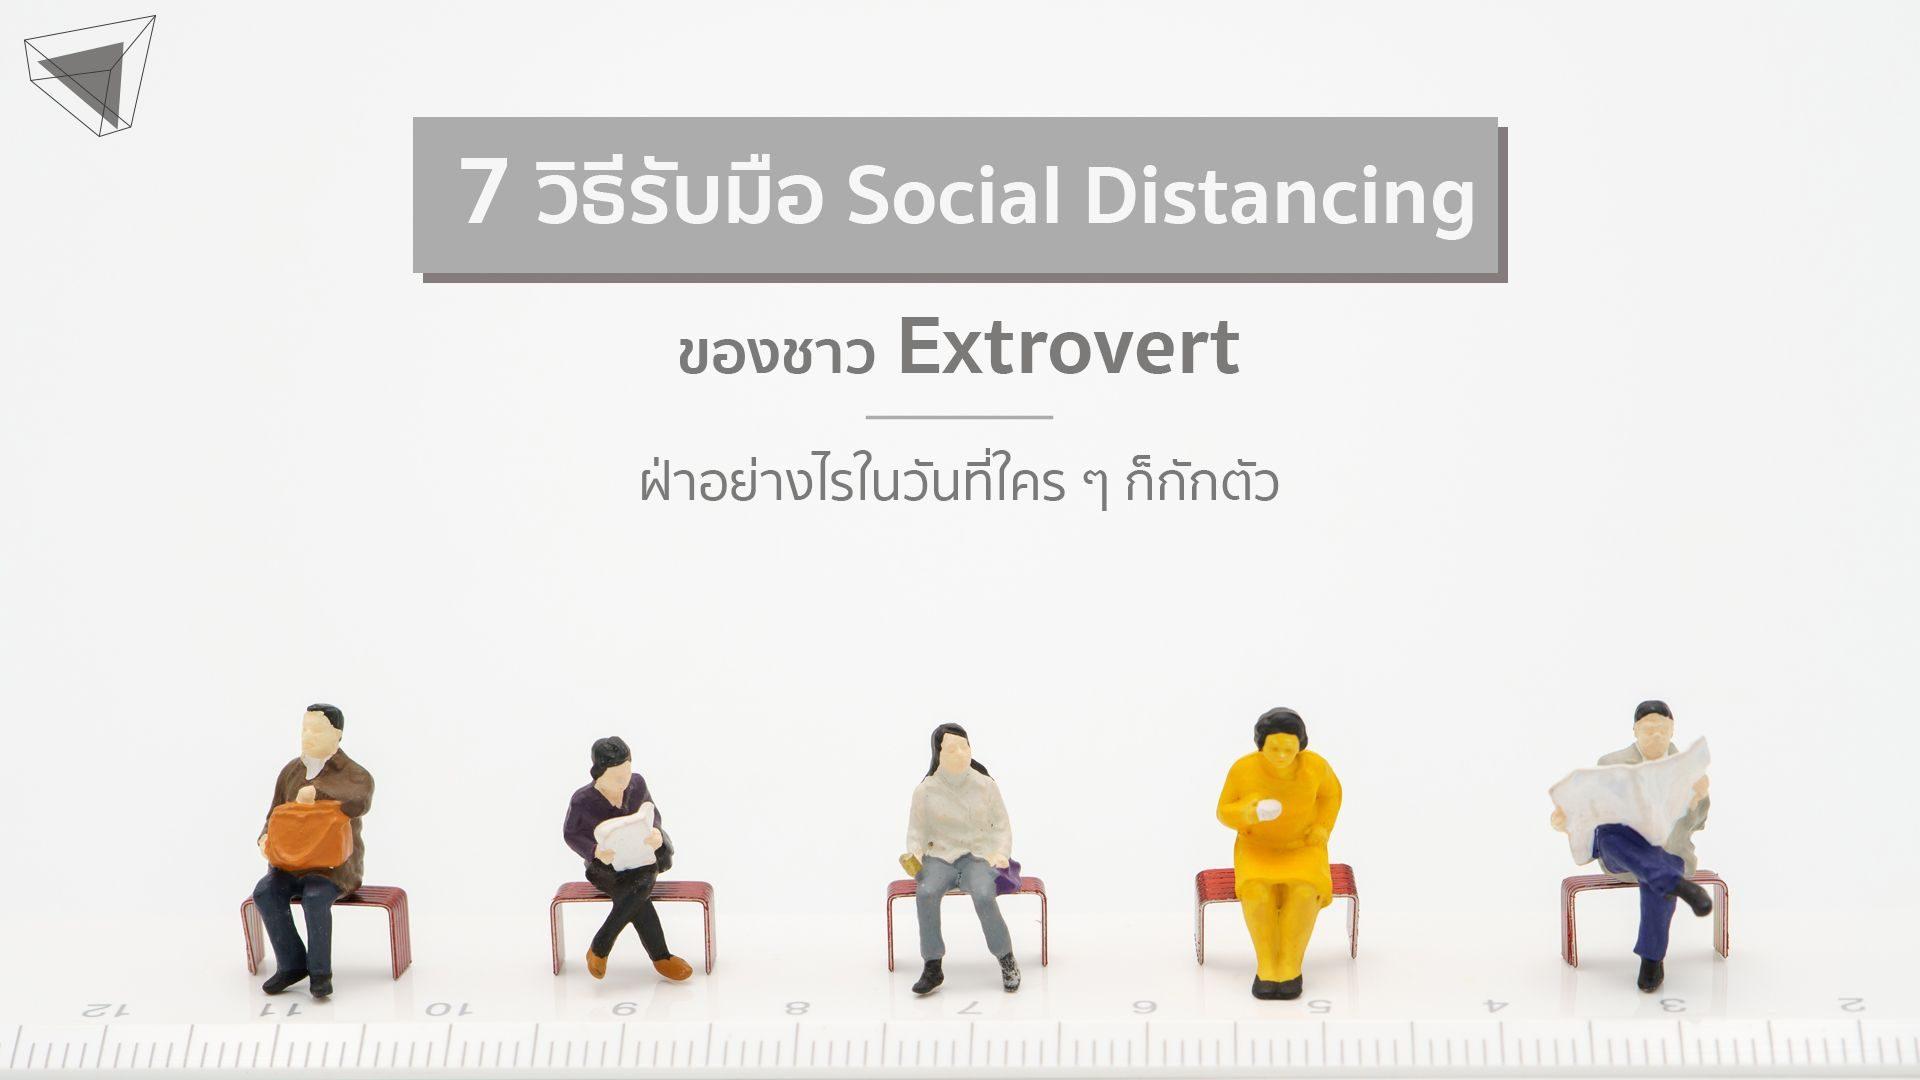 รับมือ Social Distancing สำหรับชาว Extrovert